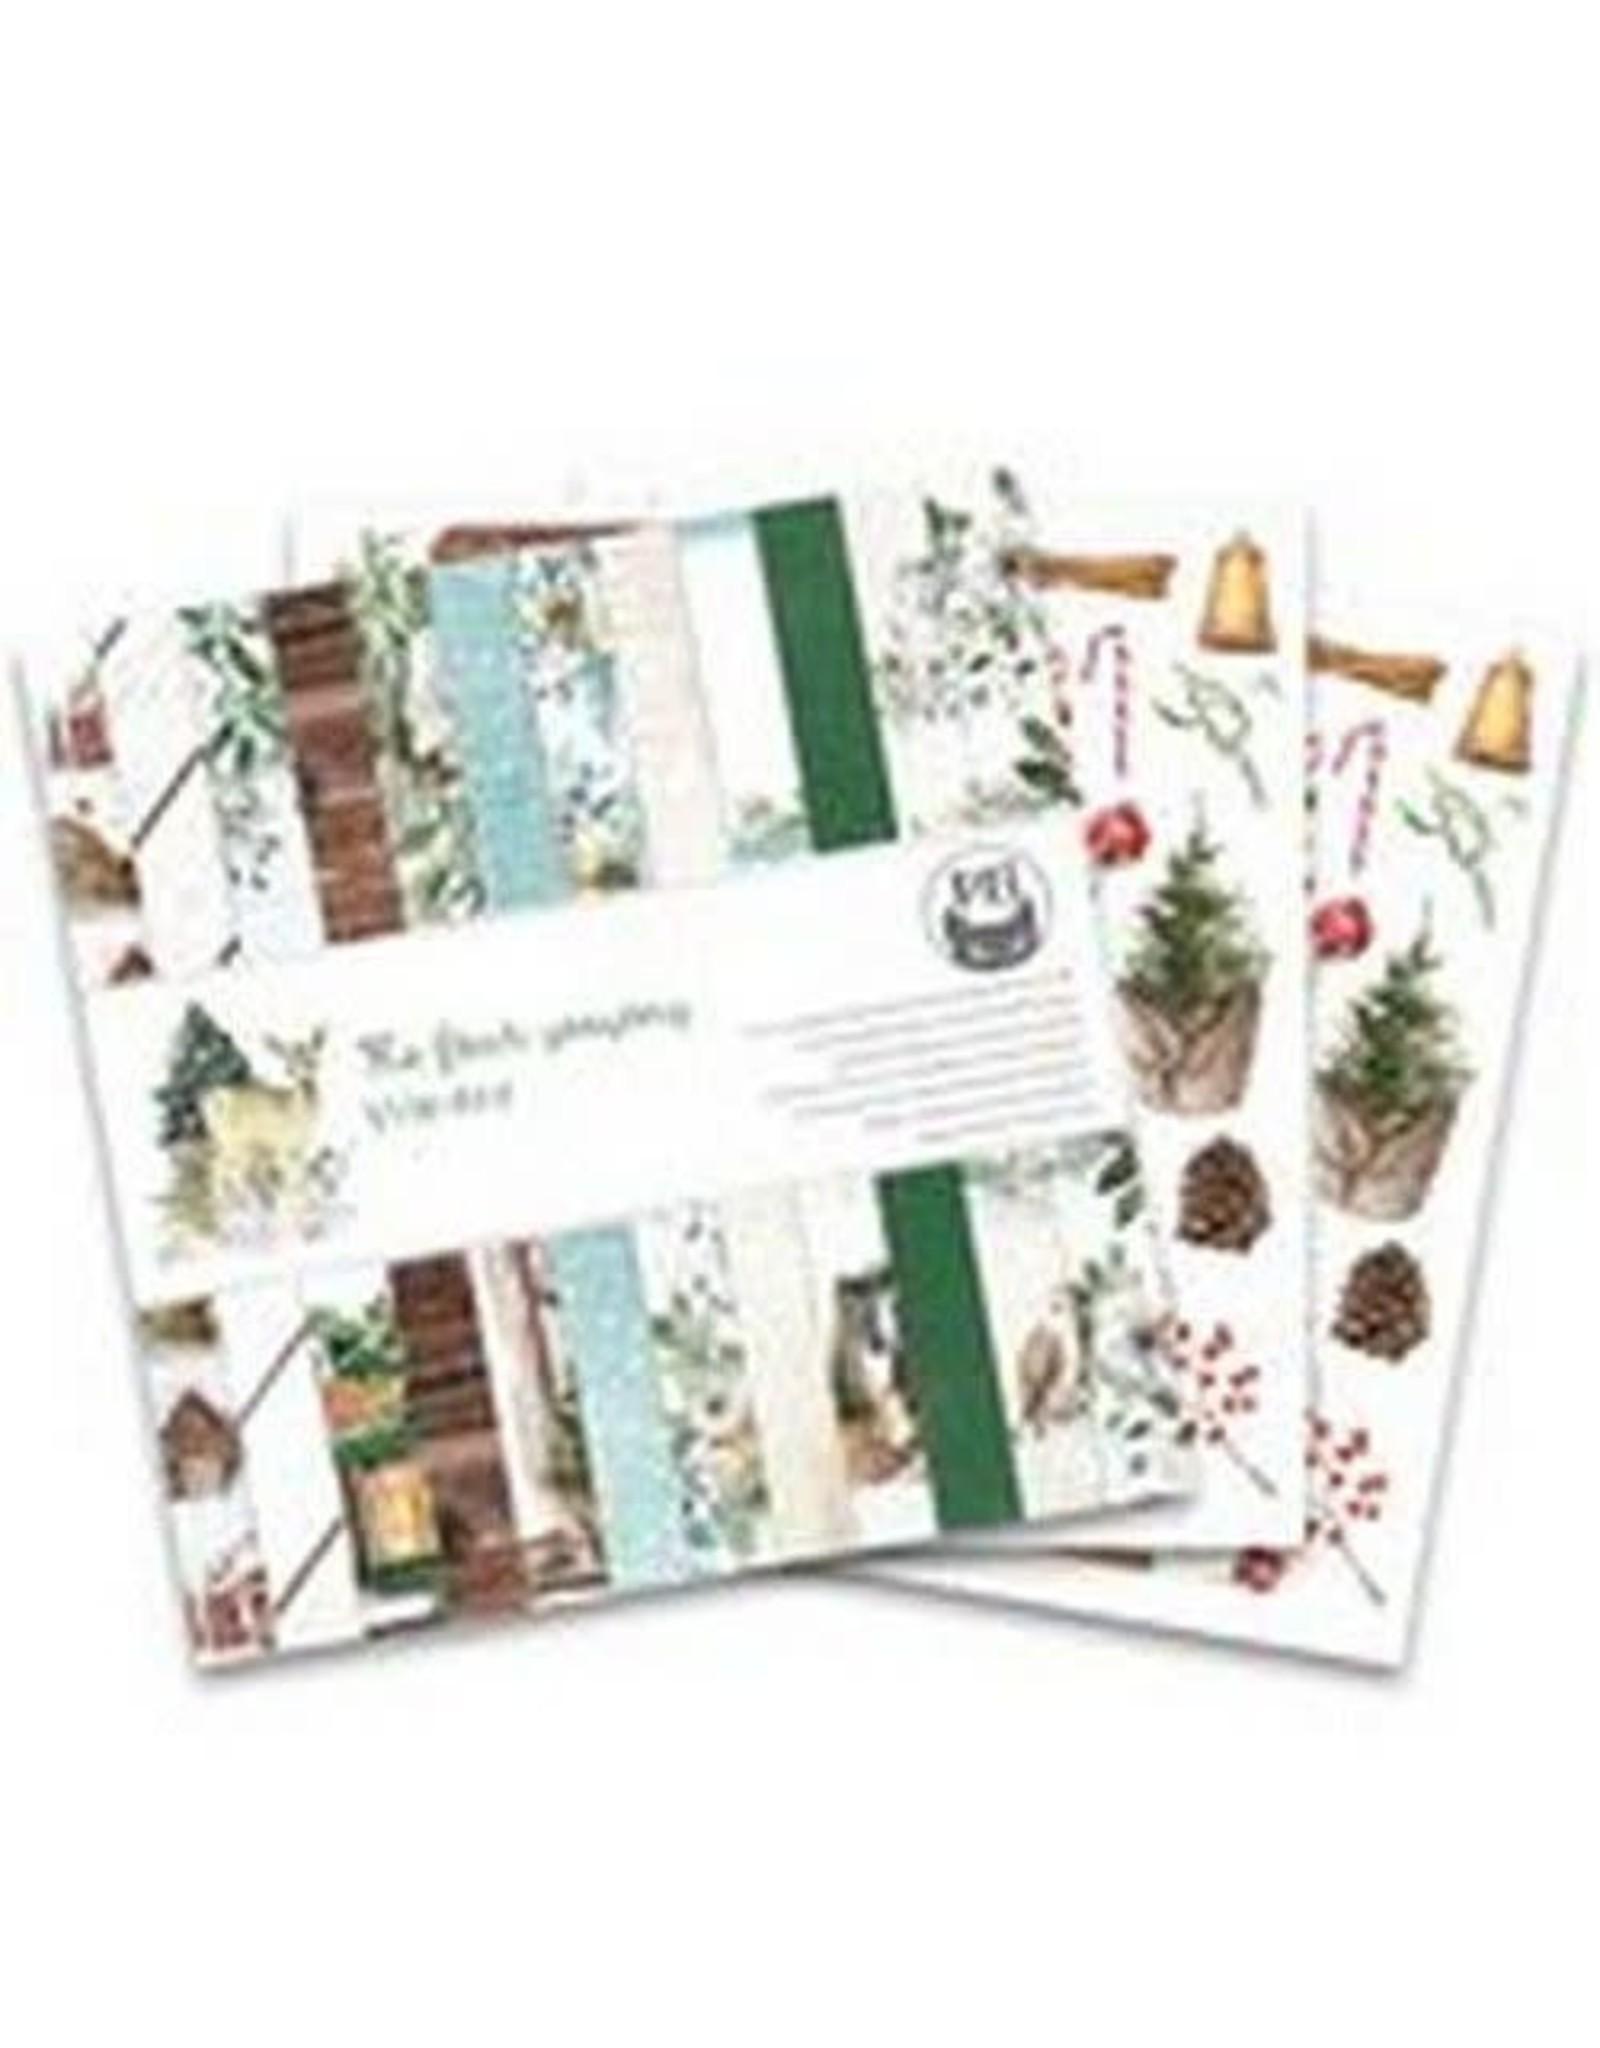 Piatek Piatek13 - Paper pad The Four Seasons - Winter, 12x12 P13